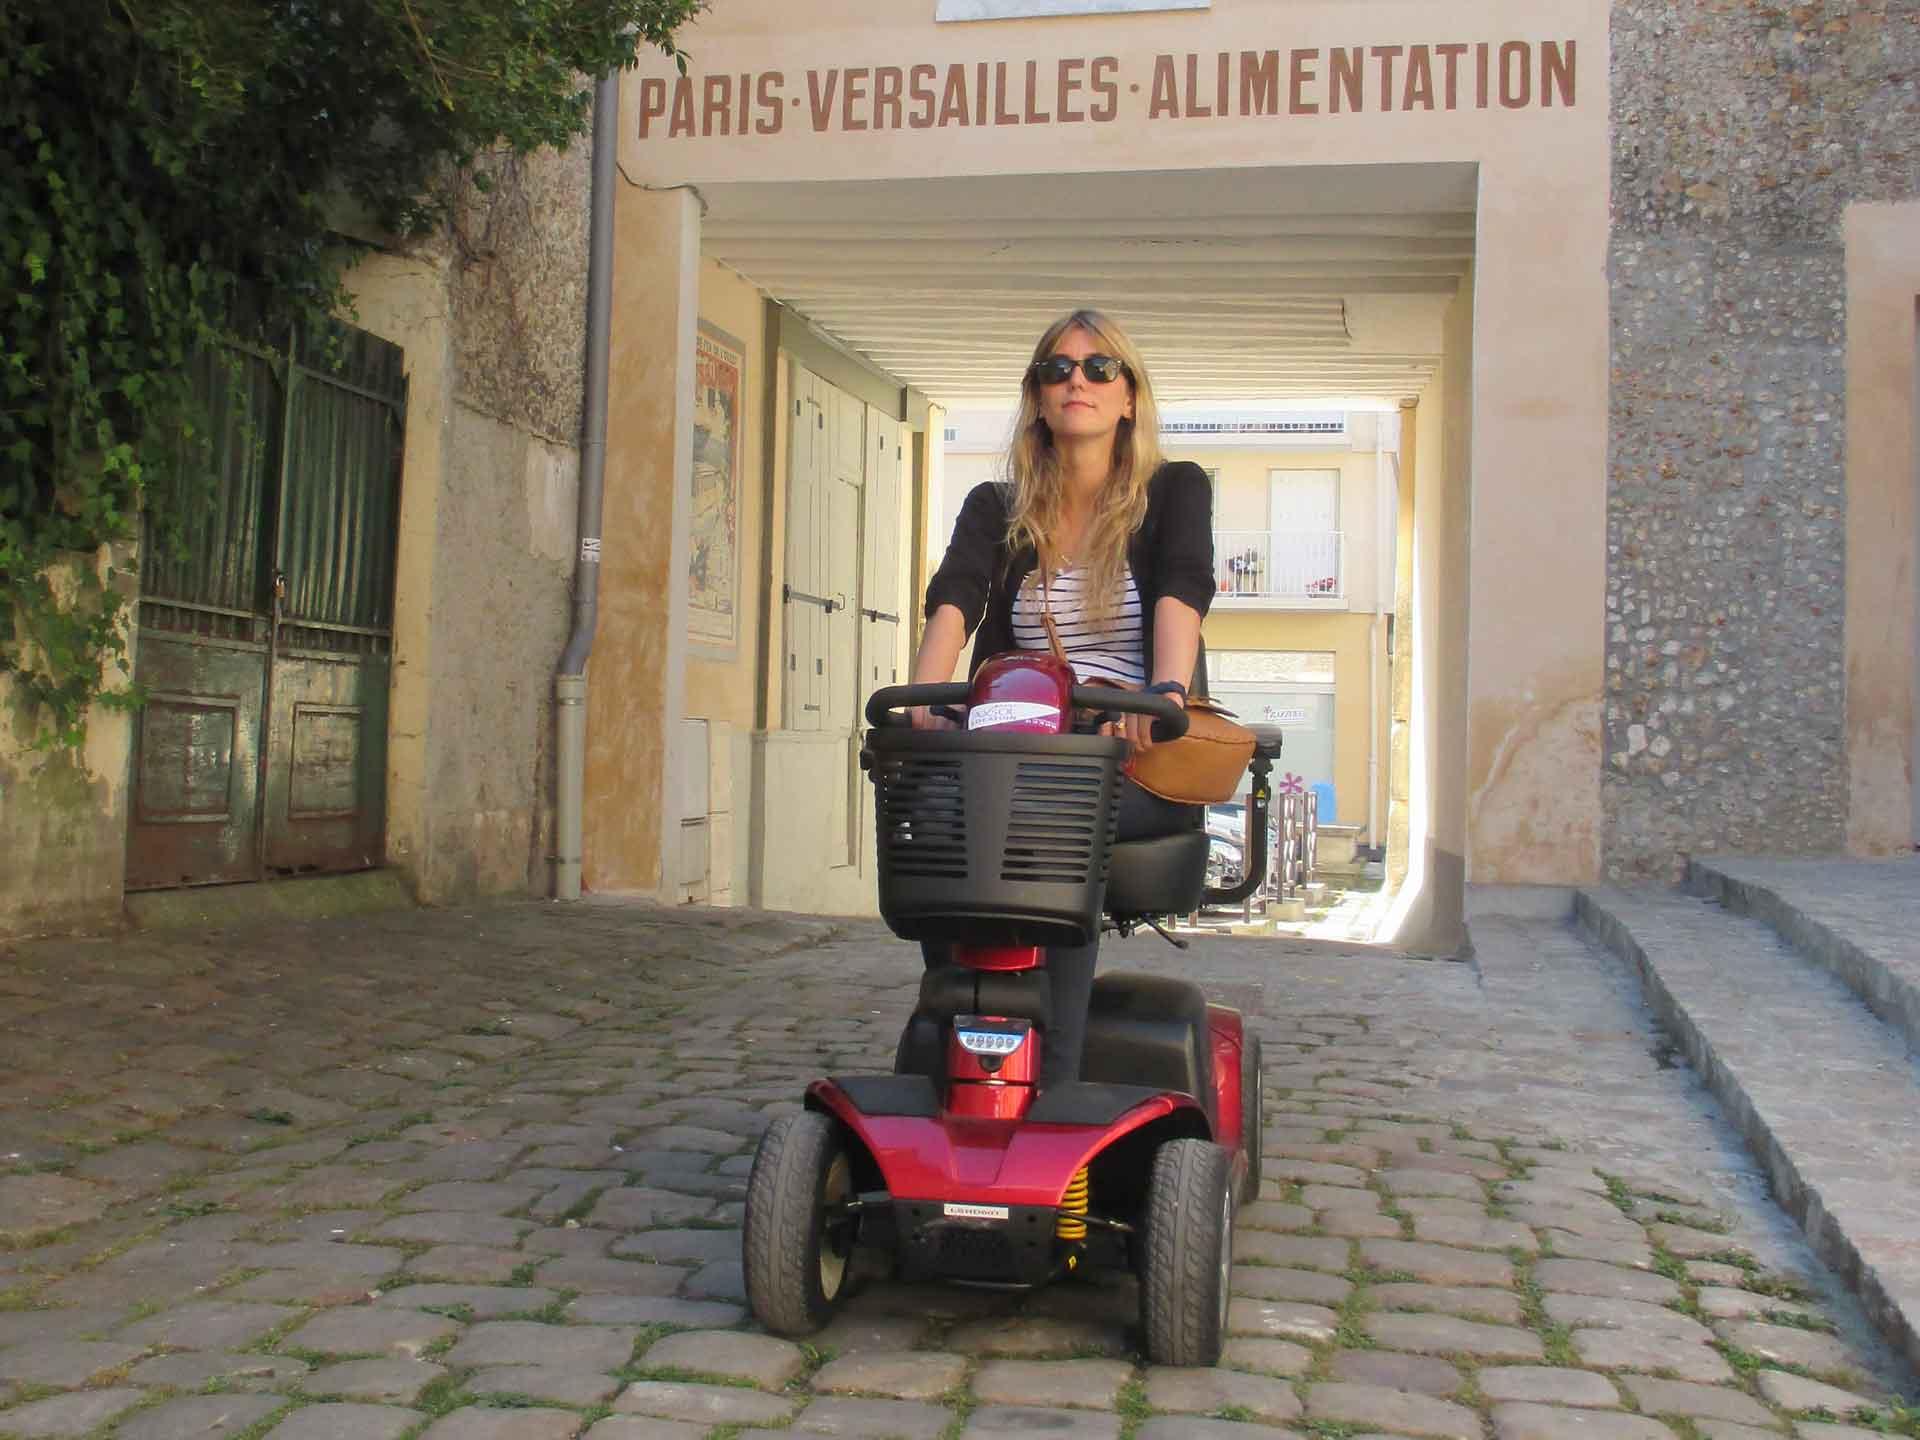 Louer un scooter électrique pour handicapé - Idéal pour tourisme et visite